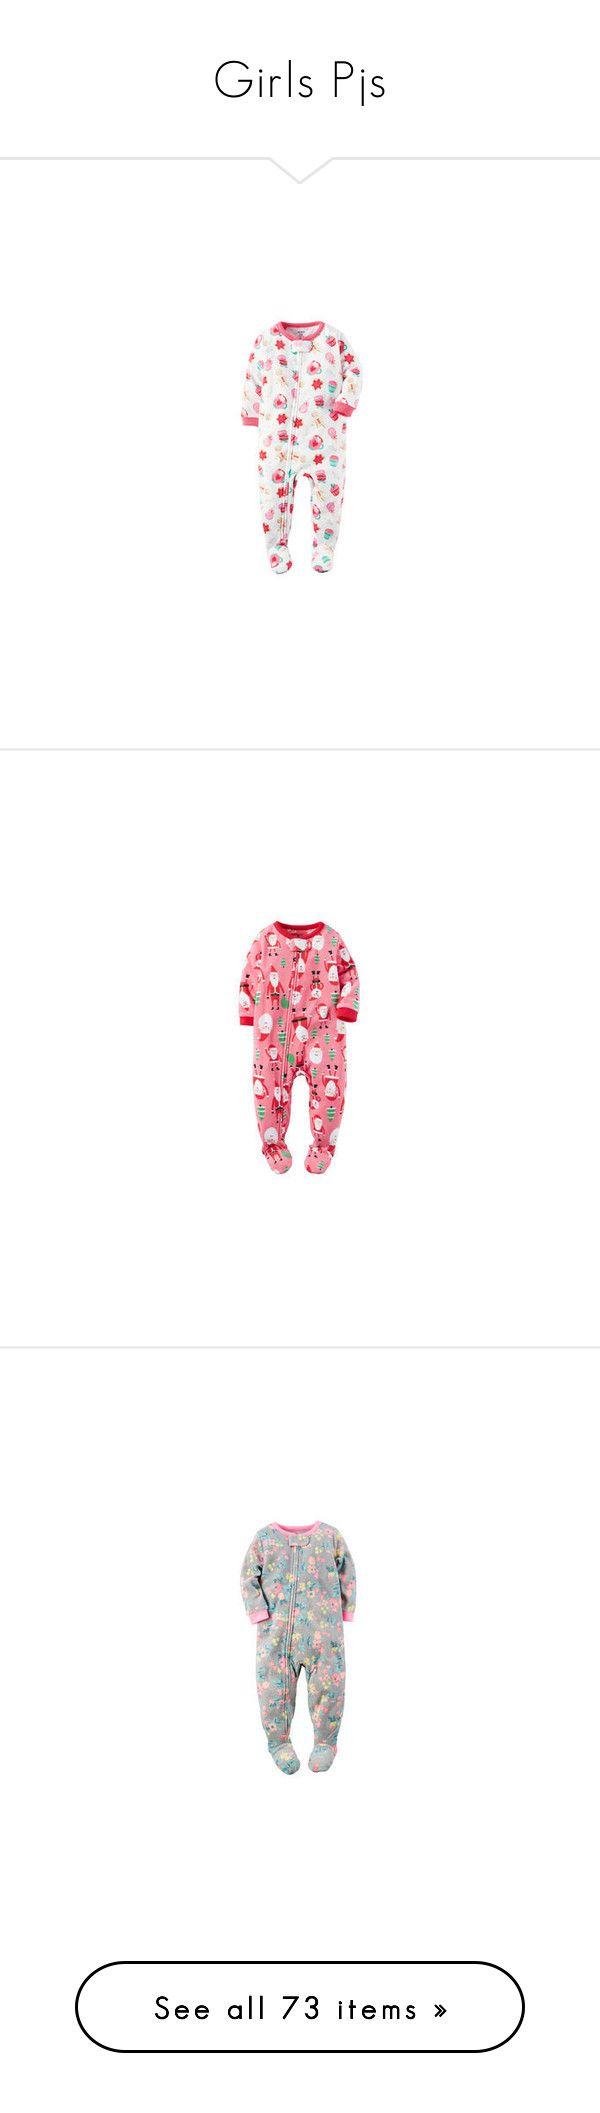 """""""Girls Pjs"""" by lillie010 ❤ liked on Polyvore featuring intimates, sleepwear, pajamas, petite pajamas, petite sleepwear, long sleeve sleep shirt, fleece sleepwear, sleep shirts, night shirt and long sleeve sleepwear"""